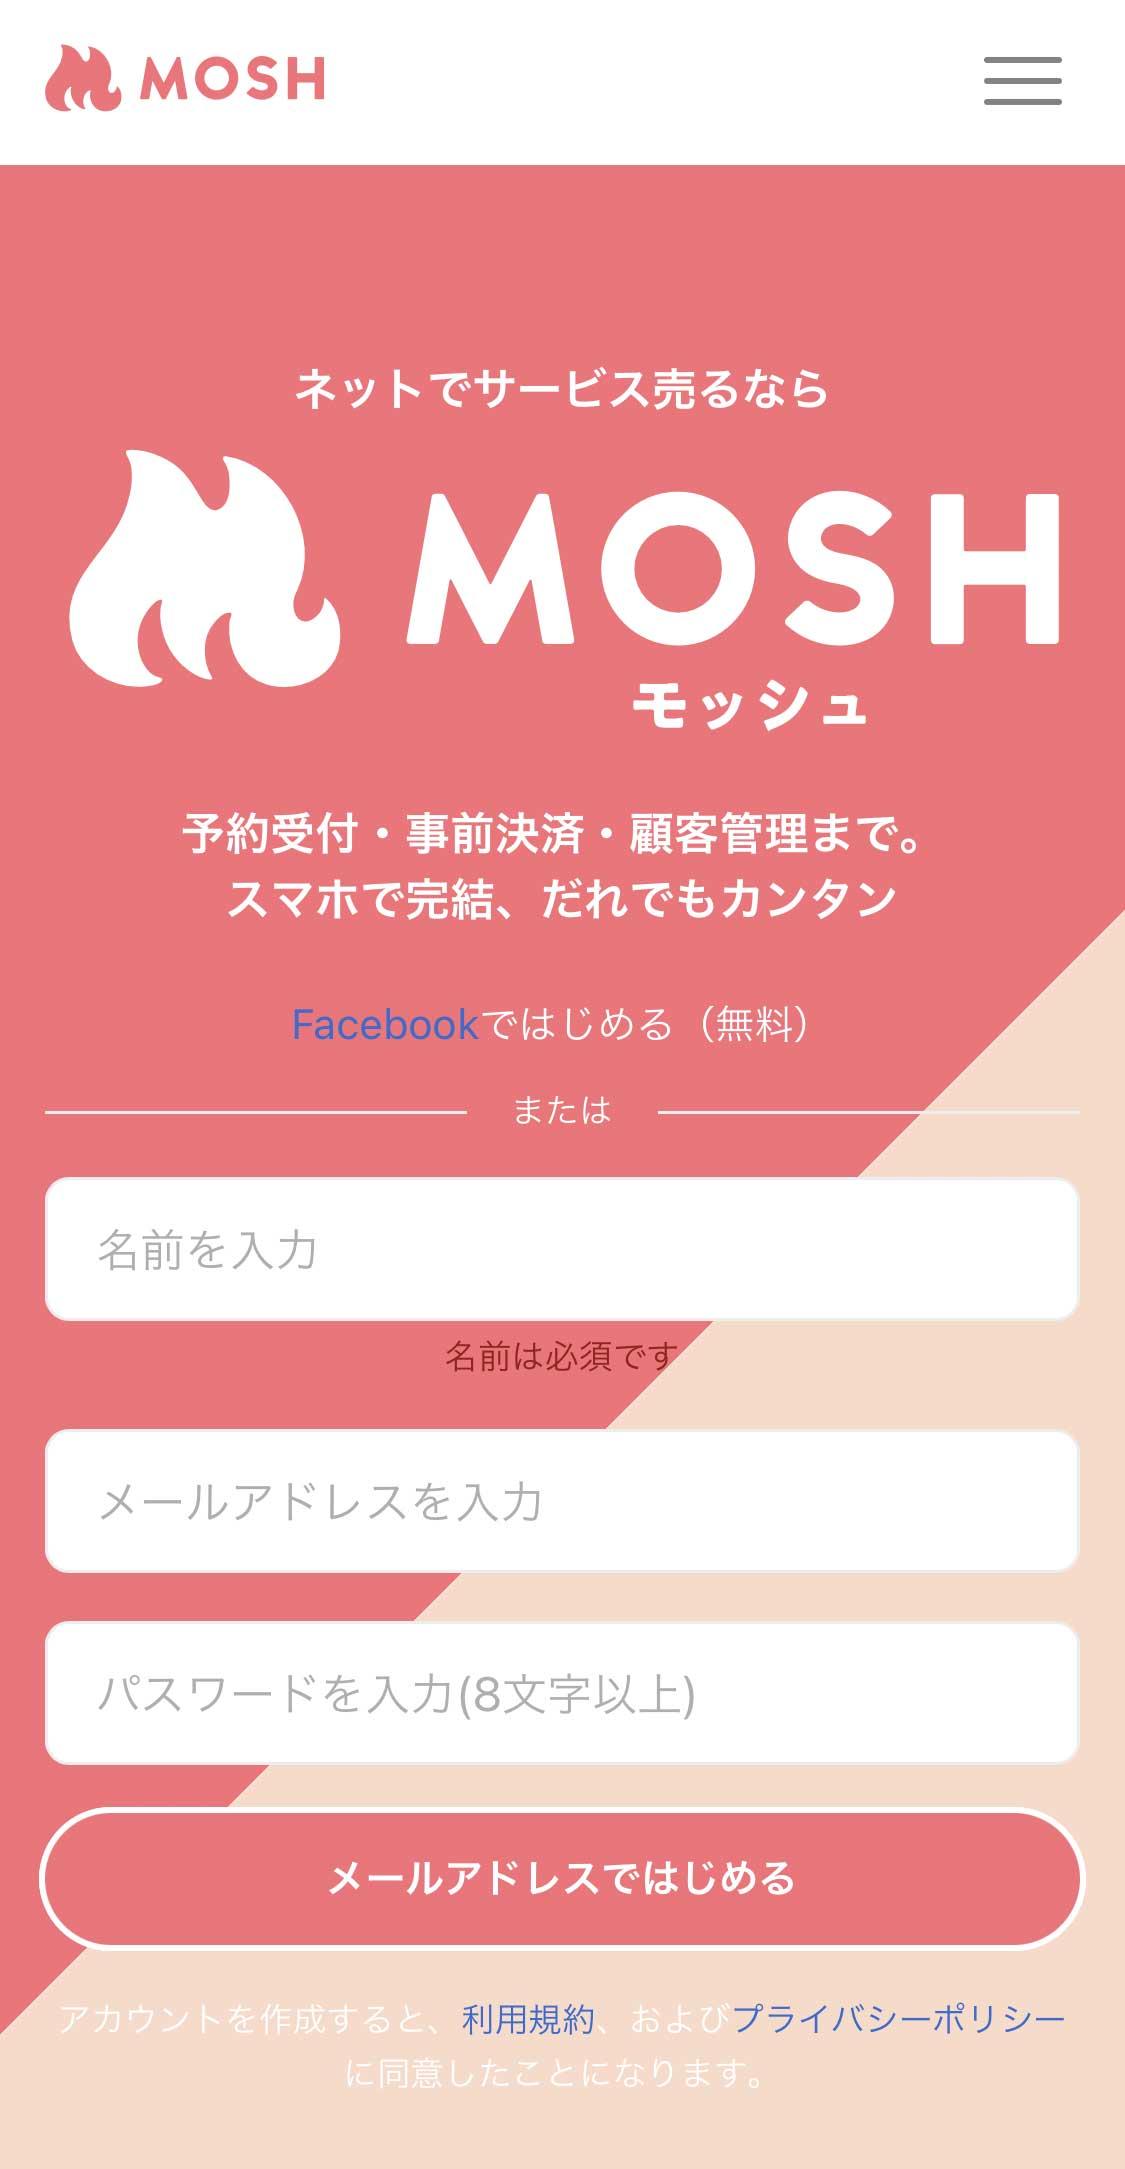 まずはMOSHのトップページにアクセスします。